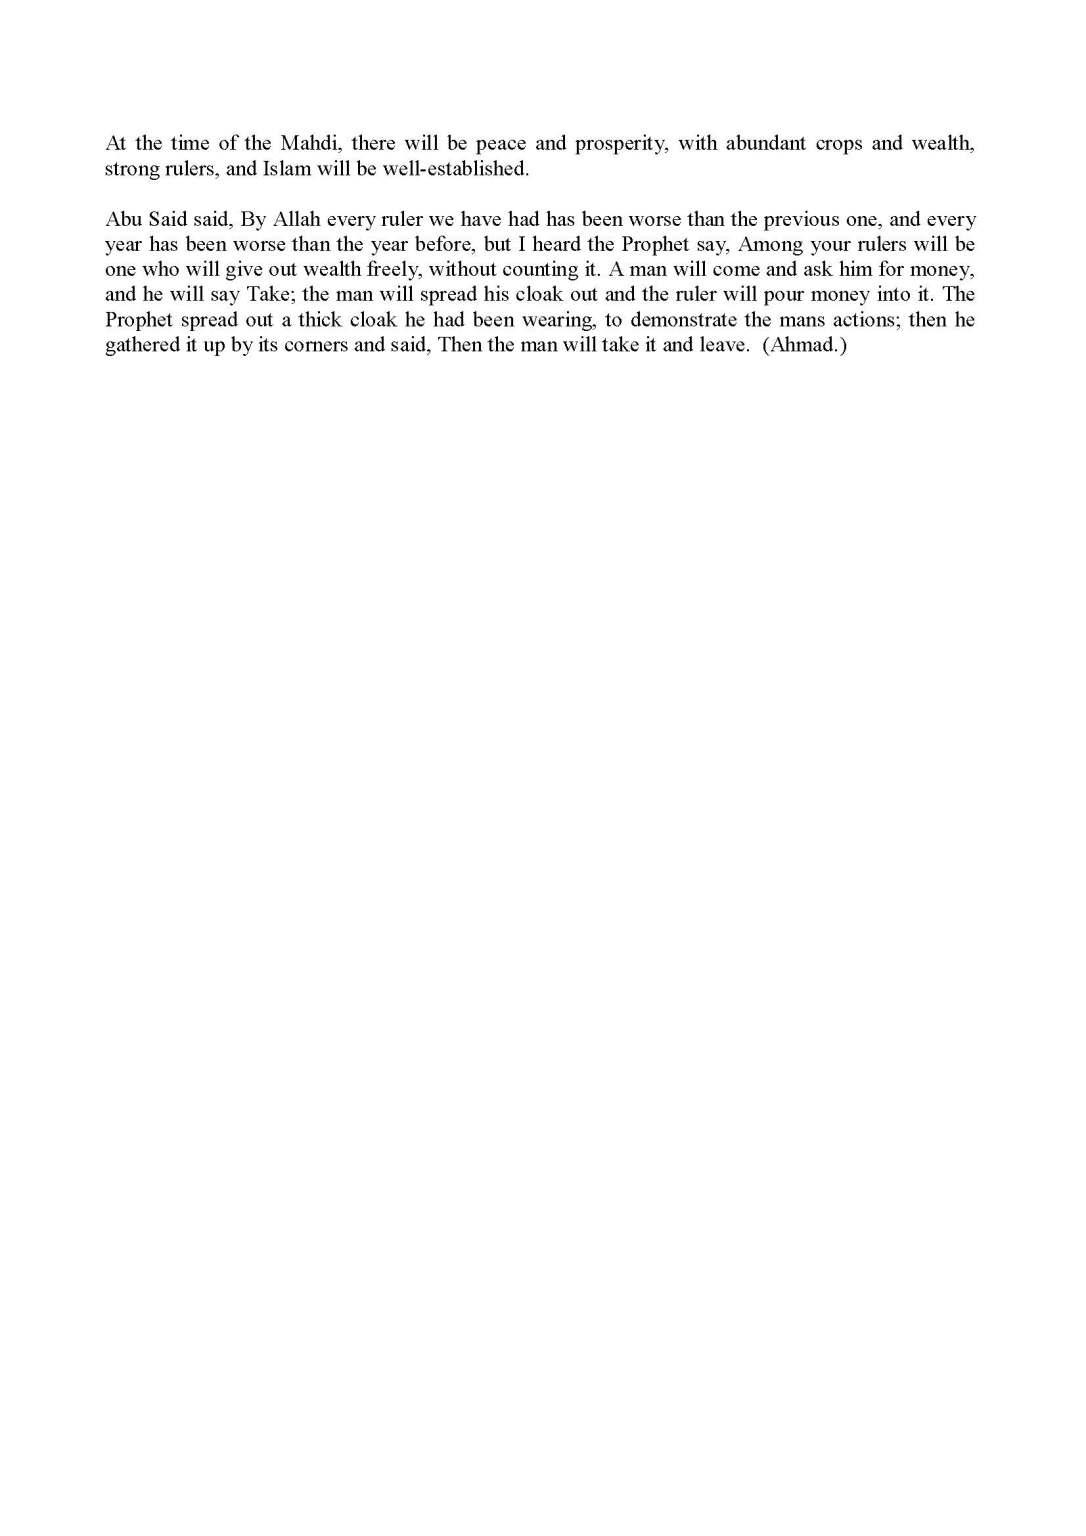 SignsBeforeTheDayOfJudgementByIbnEKathirr.a_Page_11